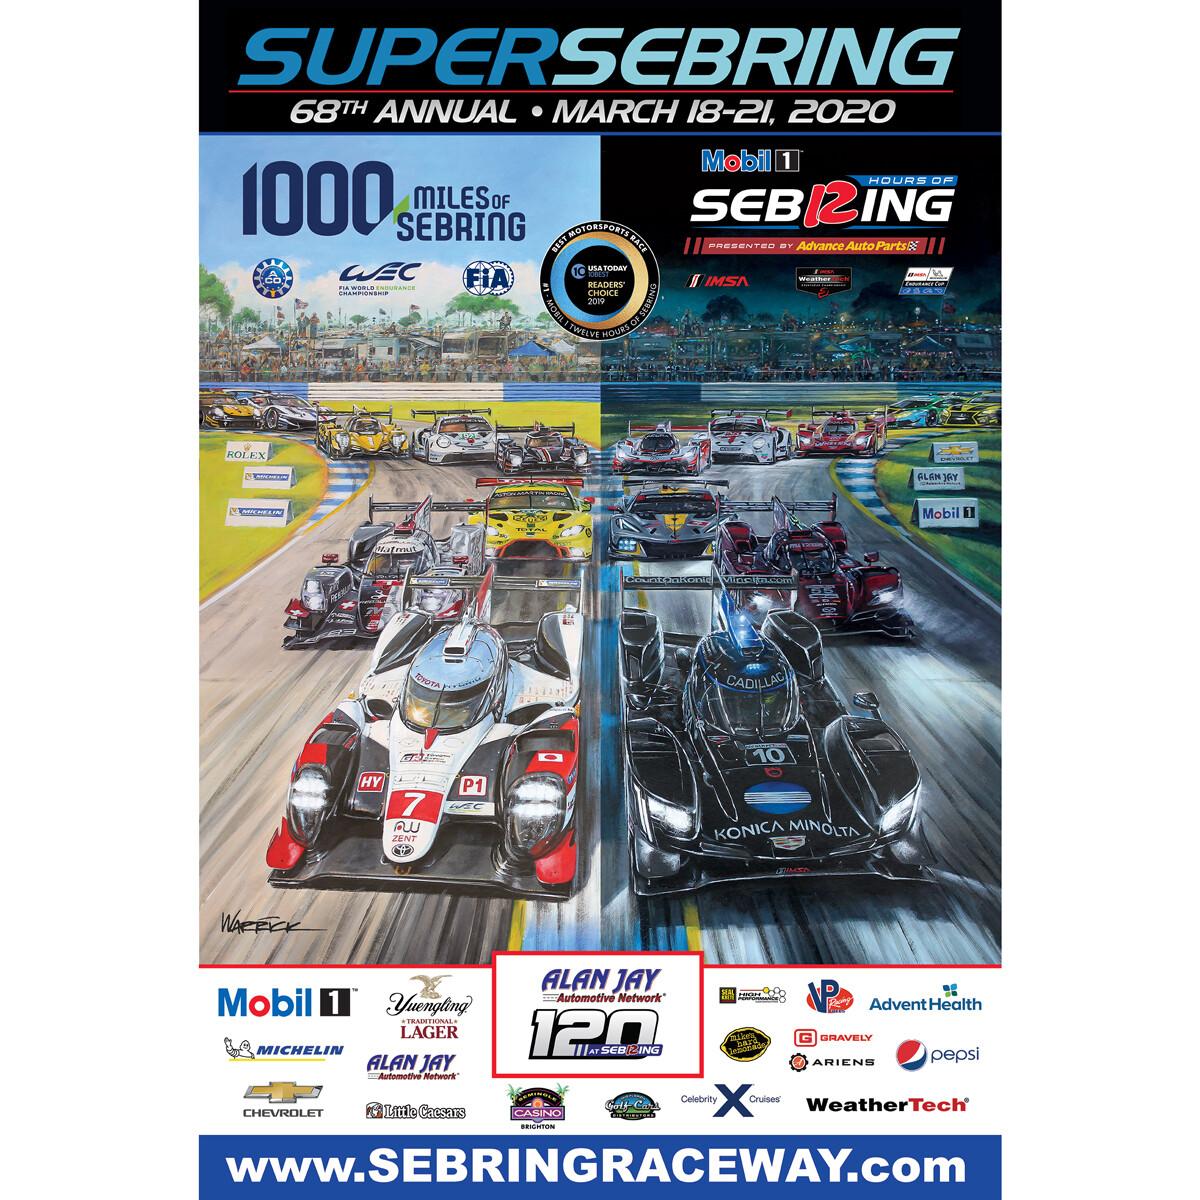 2020 SuperSebring Poster